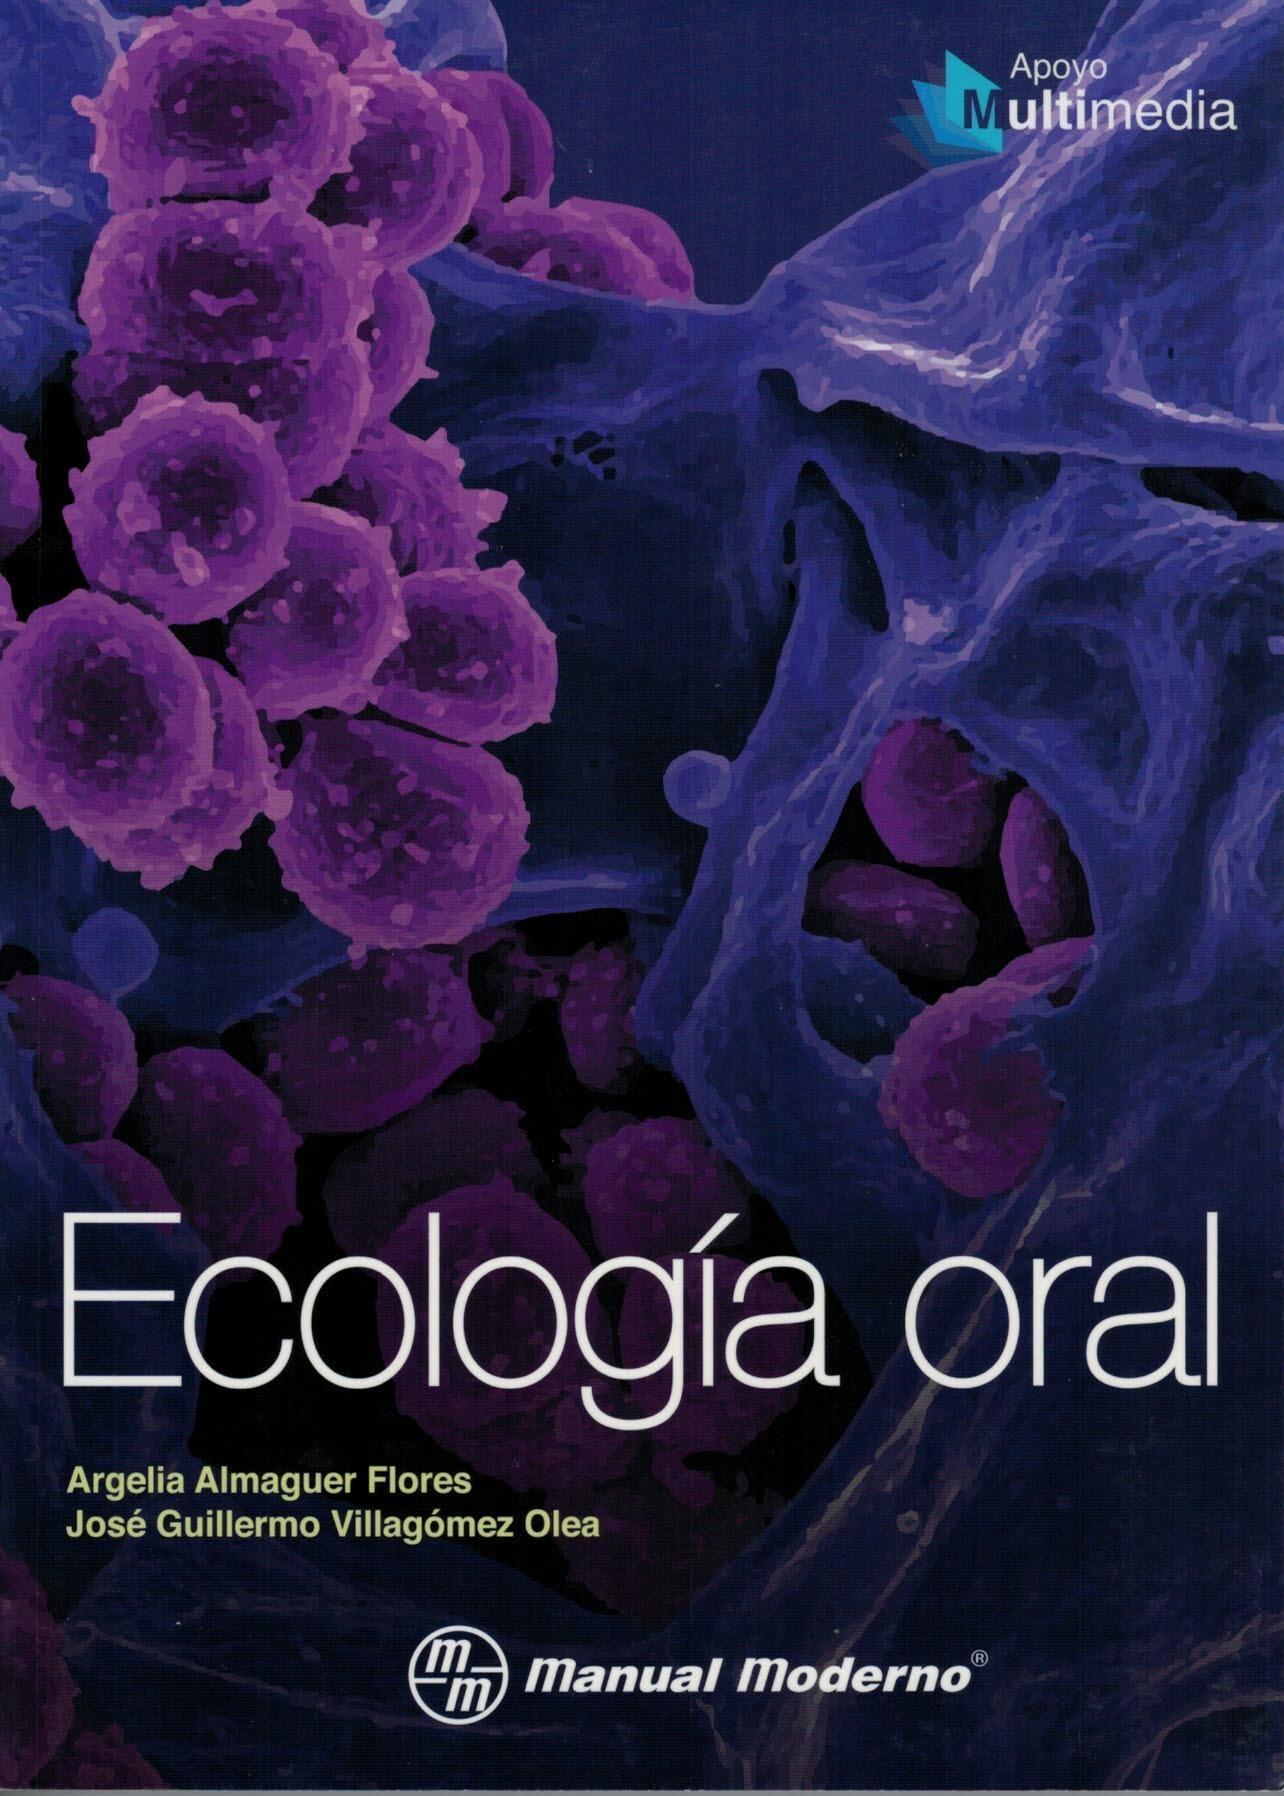 Ecologia Oral - Almaguer Flores Argelia